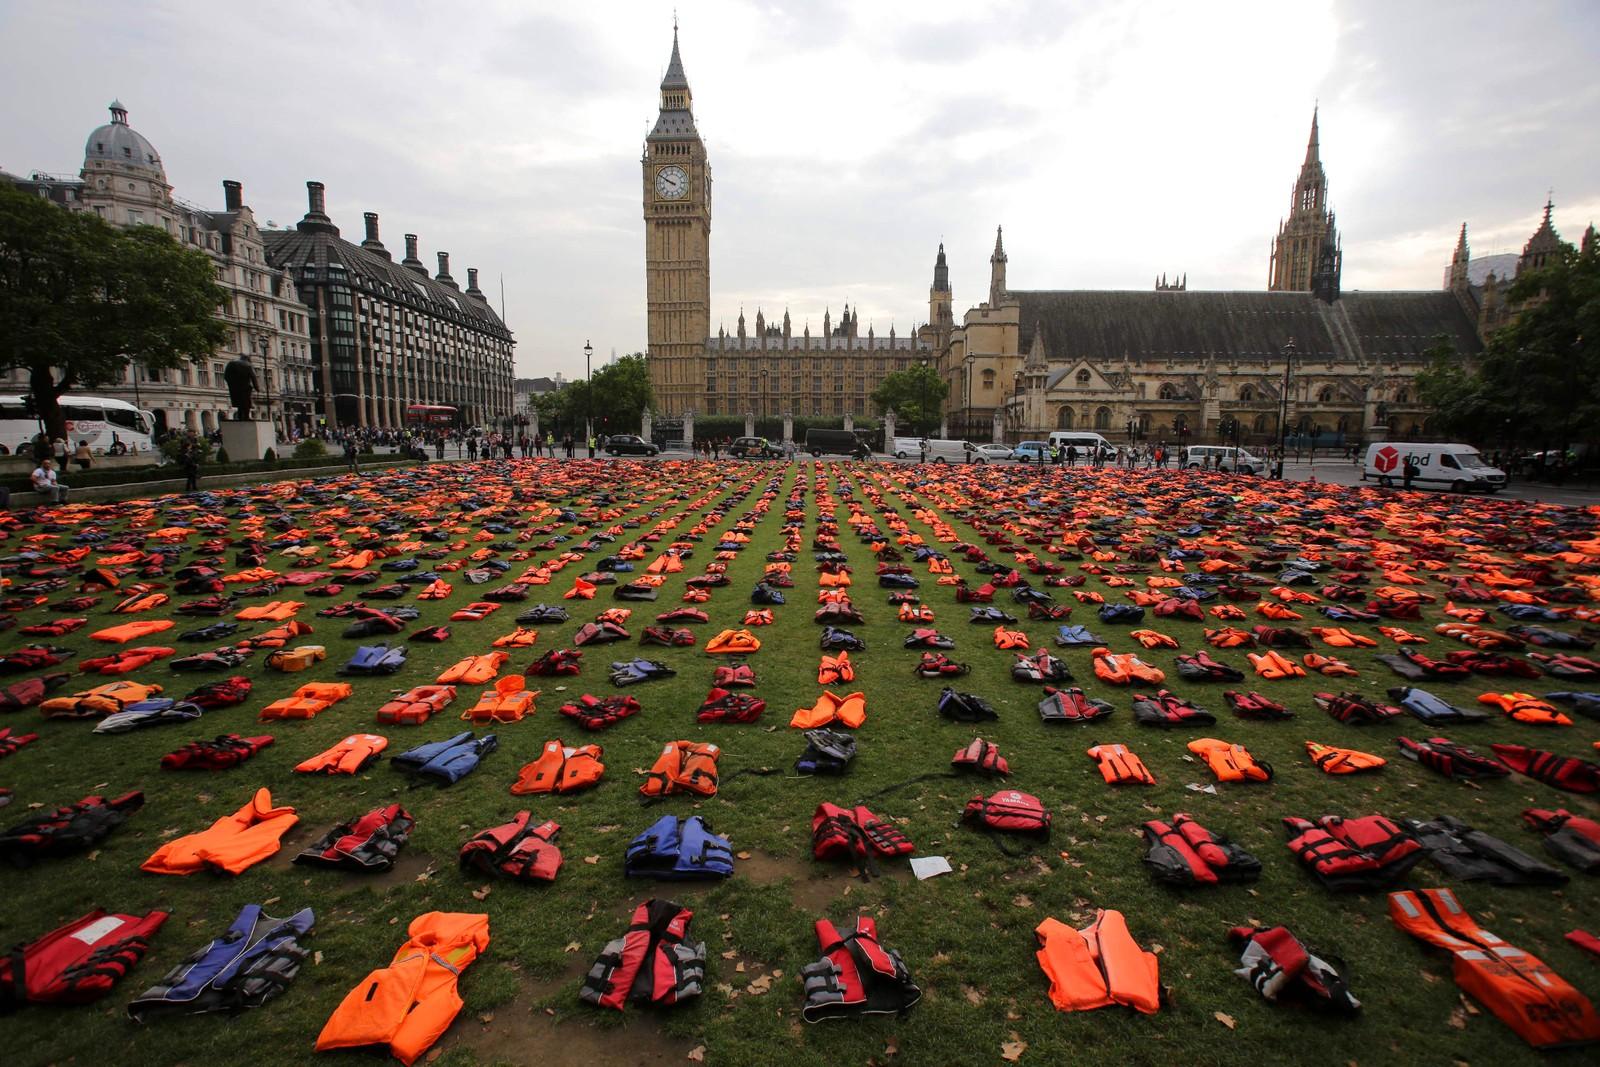 2500 redningsvester ligger på plenen på Parliament Square i London. Alle har blitt brukt av flyktninger som krysset fra Tyrkia til Hellas. Redningsvestene ligger der som en påminnelse om alle de som ikke overlevde forsøket på å nå Europa.